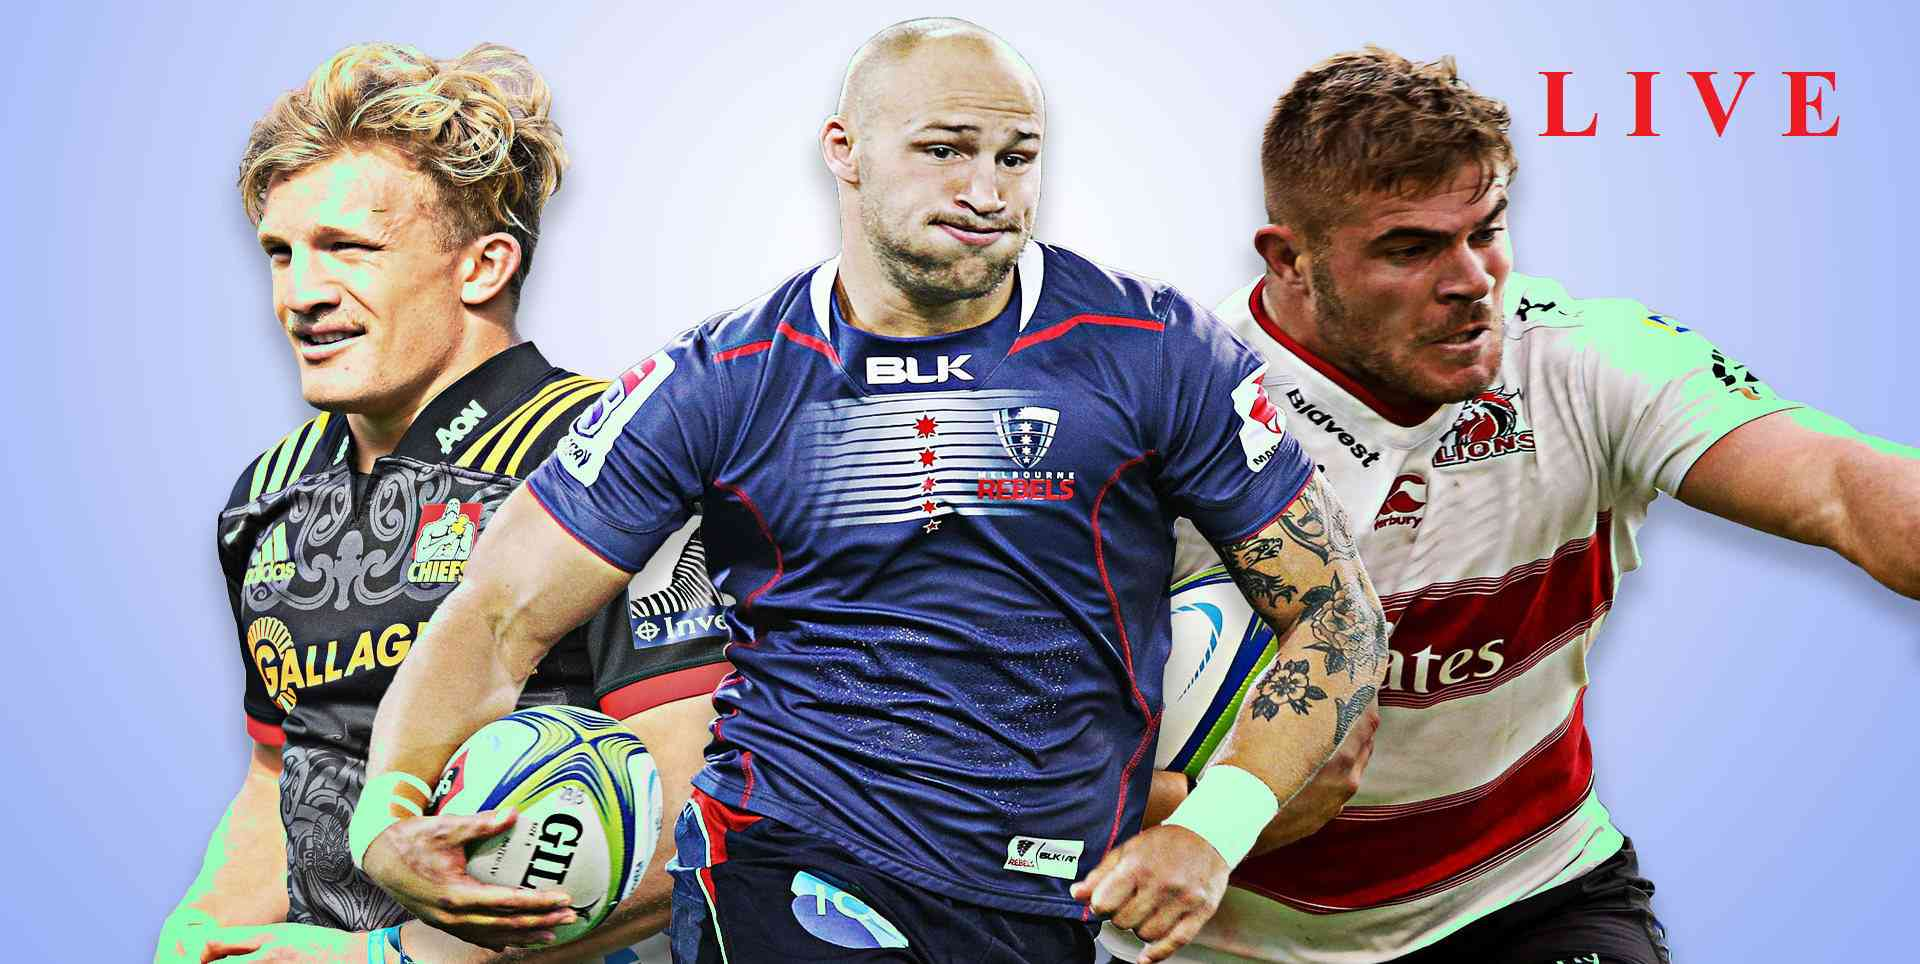 ulster-vs-ospreys-rugby-live-online